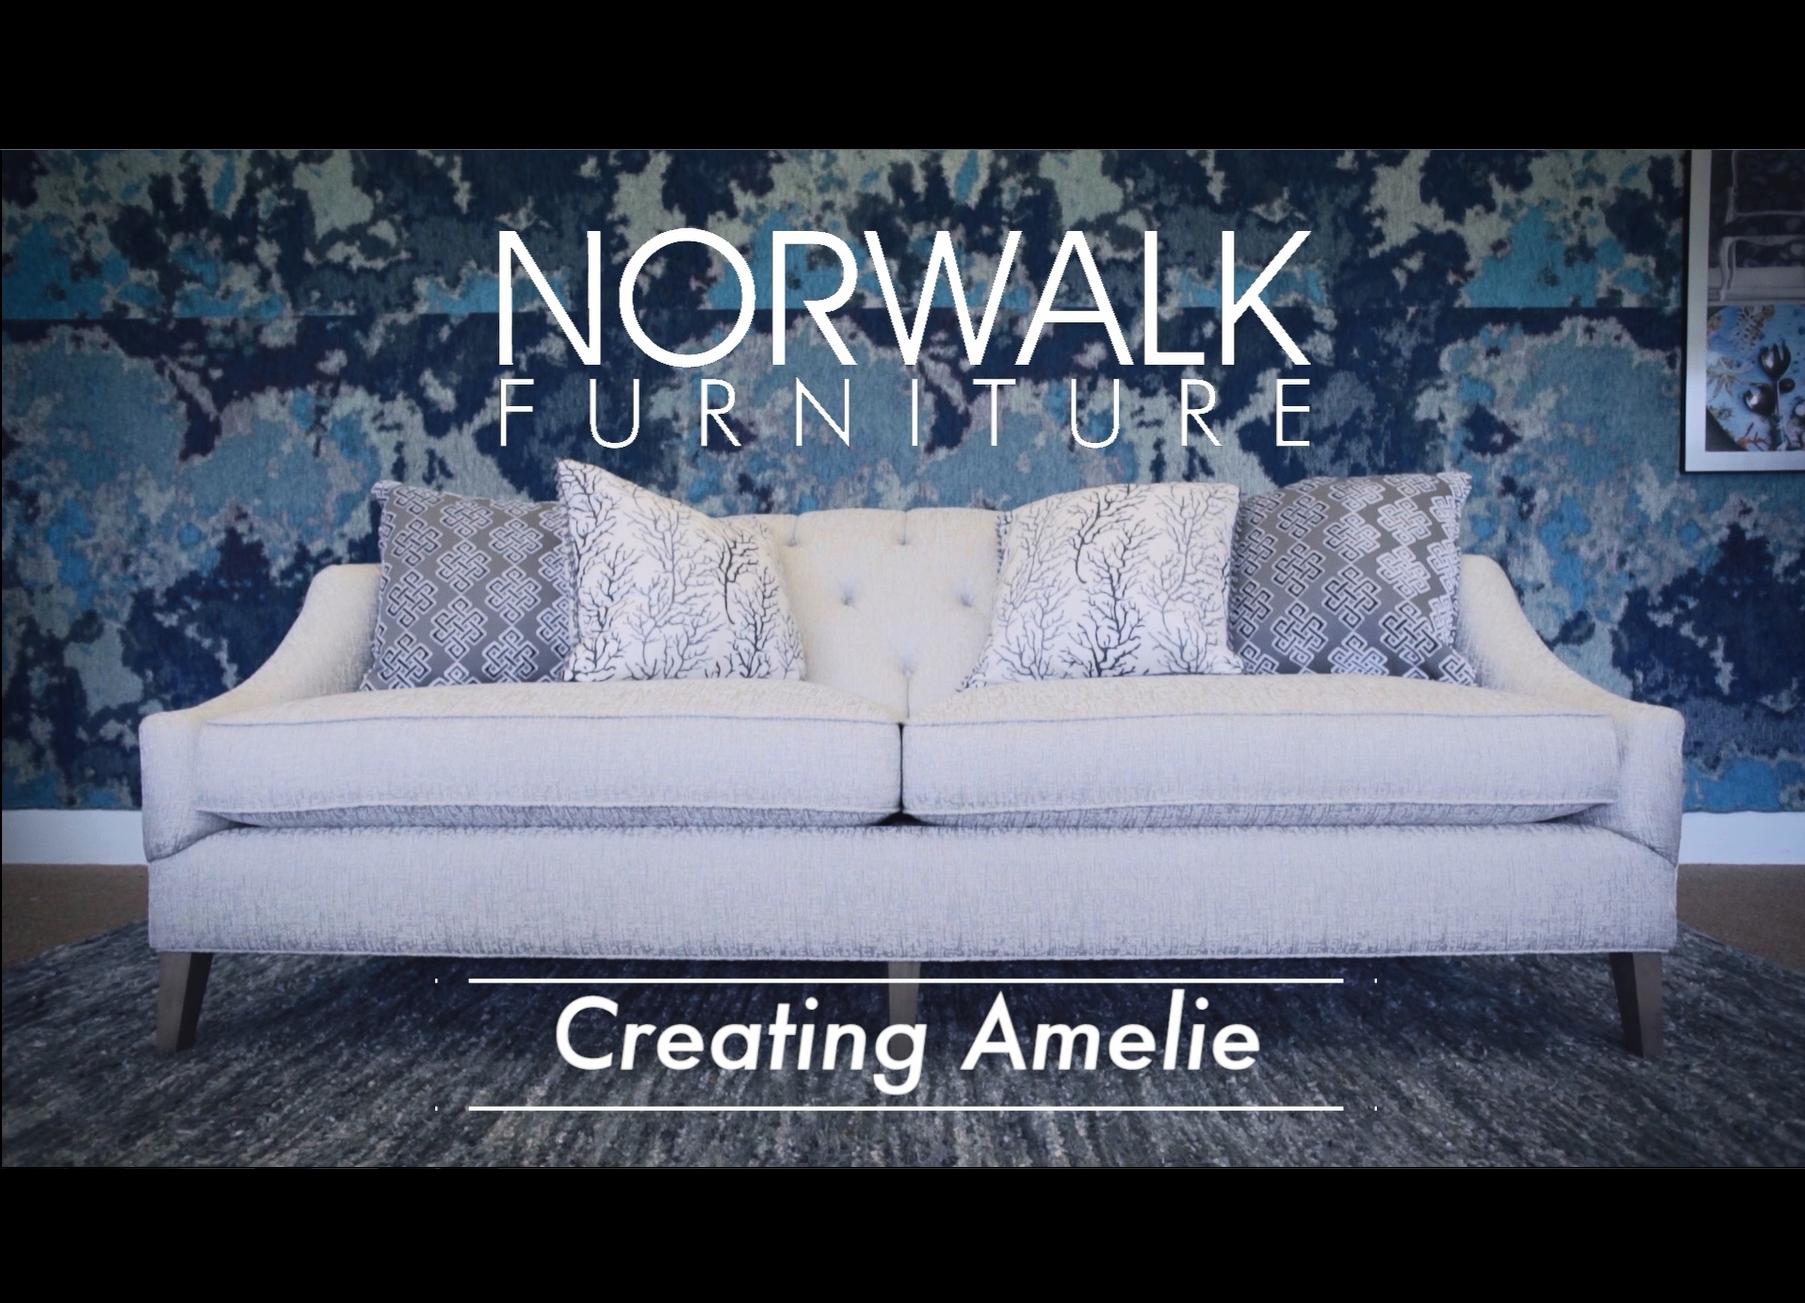 Furniture With Regard To Norwalk Sofas (Image 3 of 10)